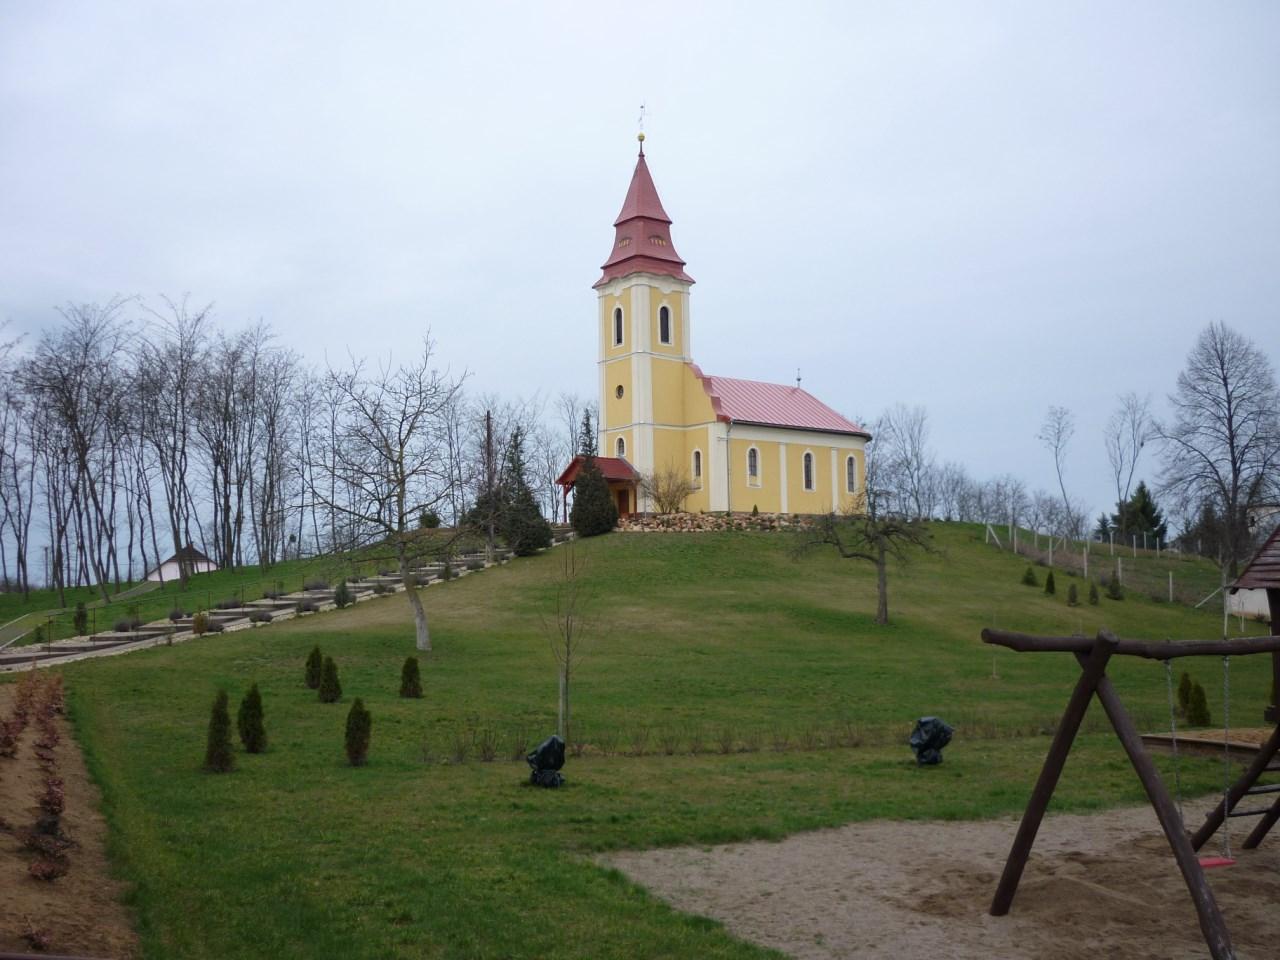 Református templom Újkenézben